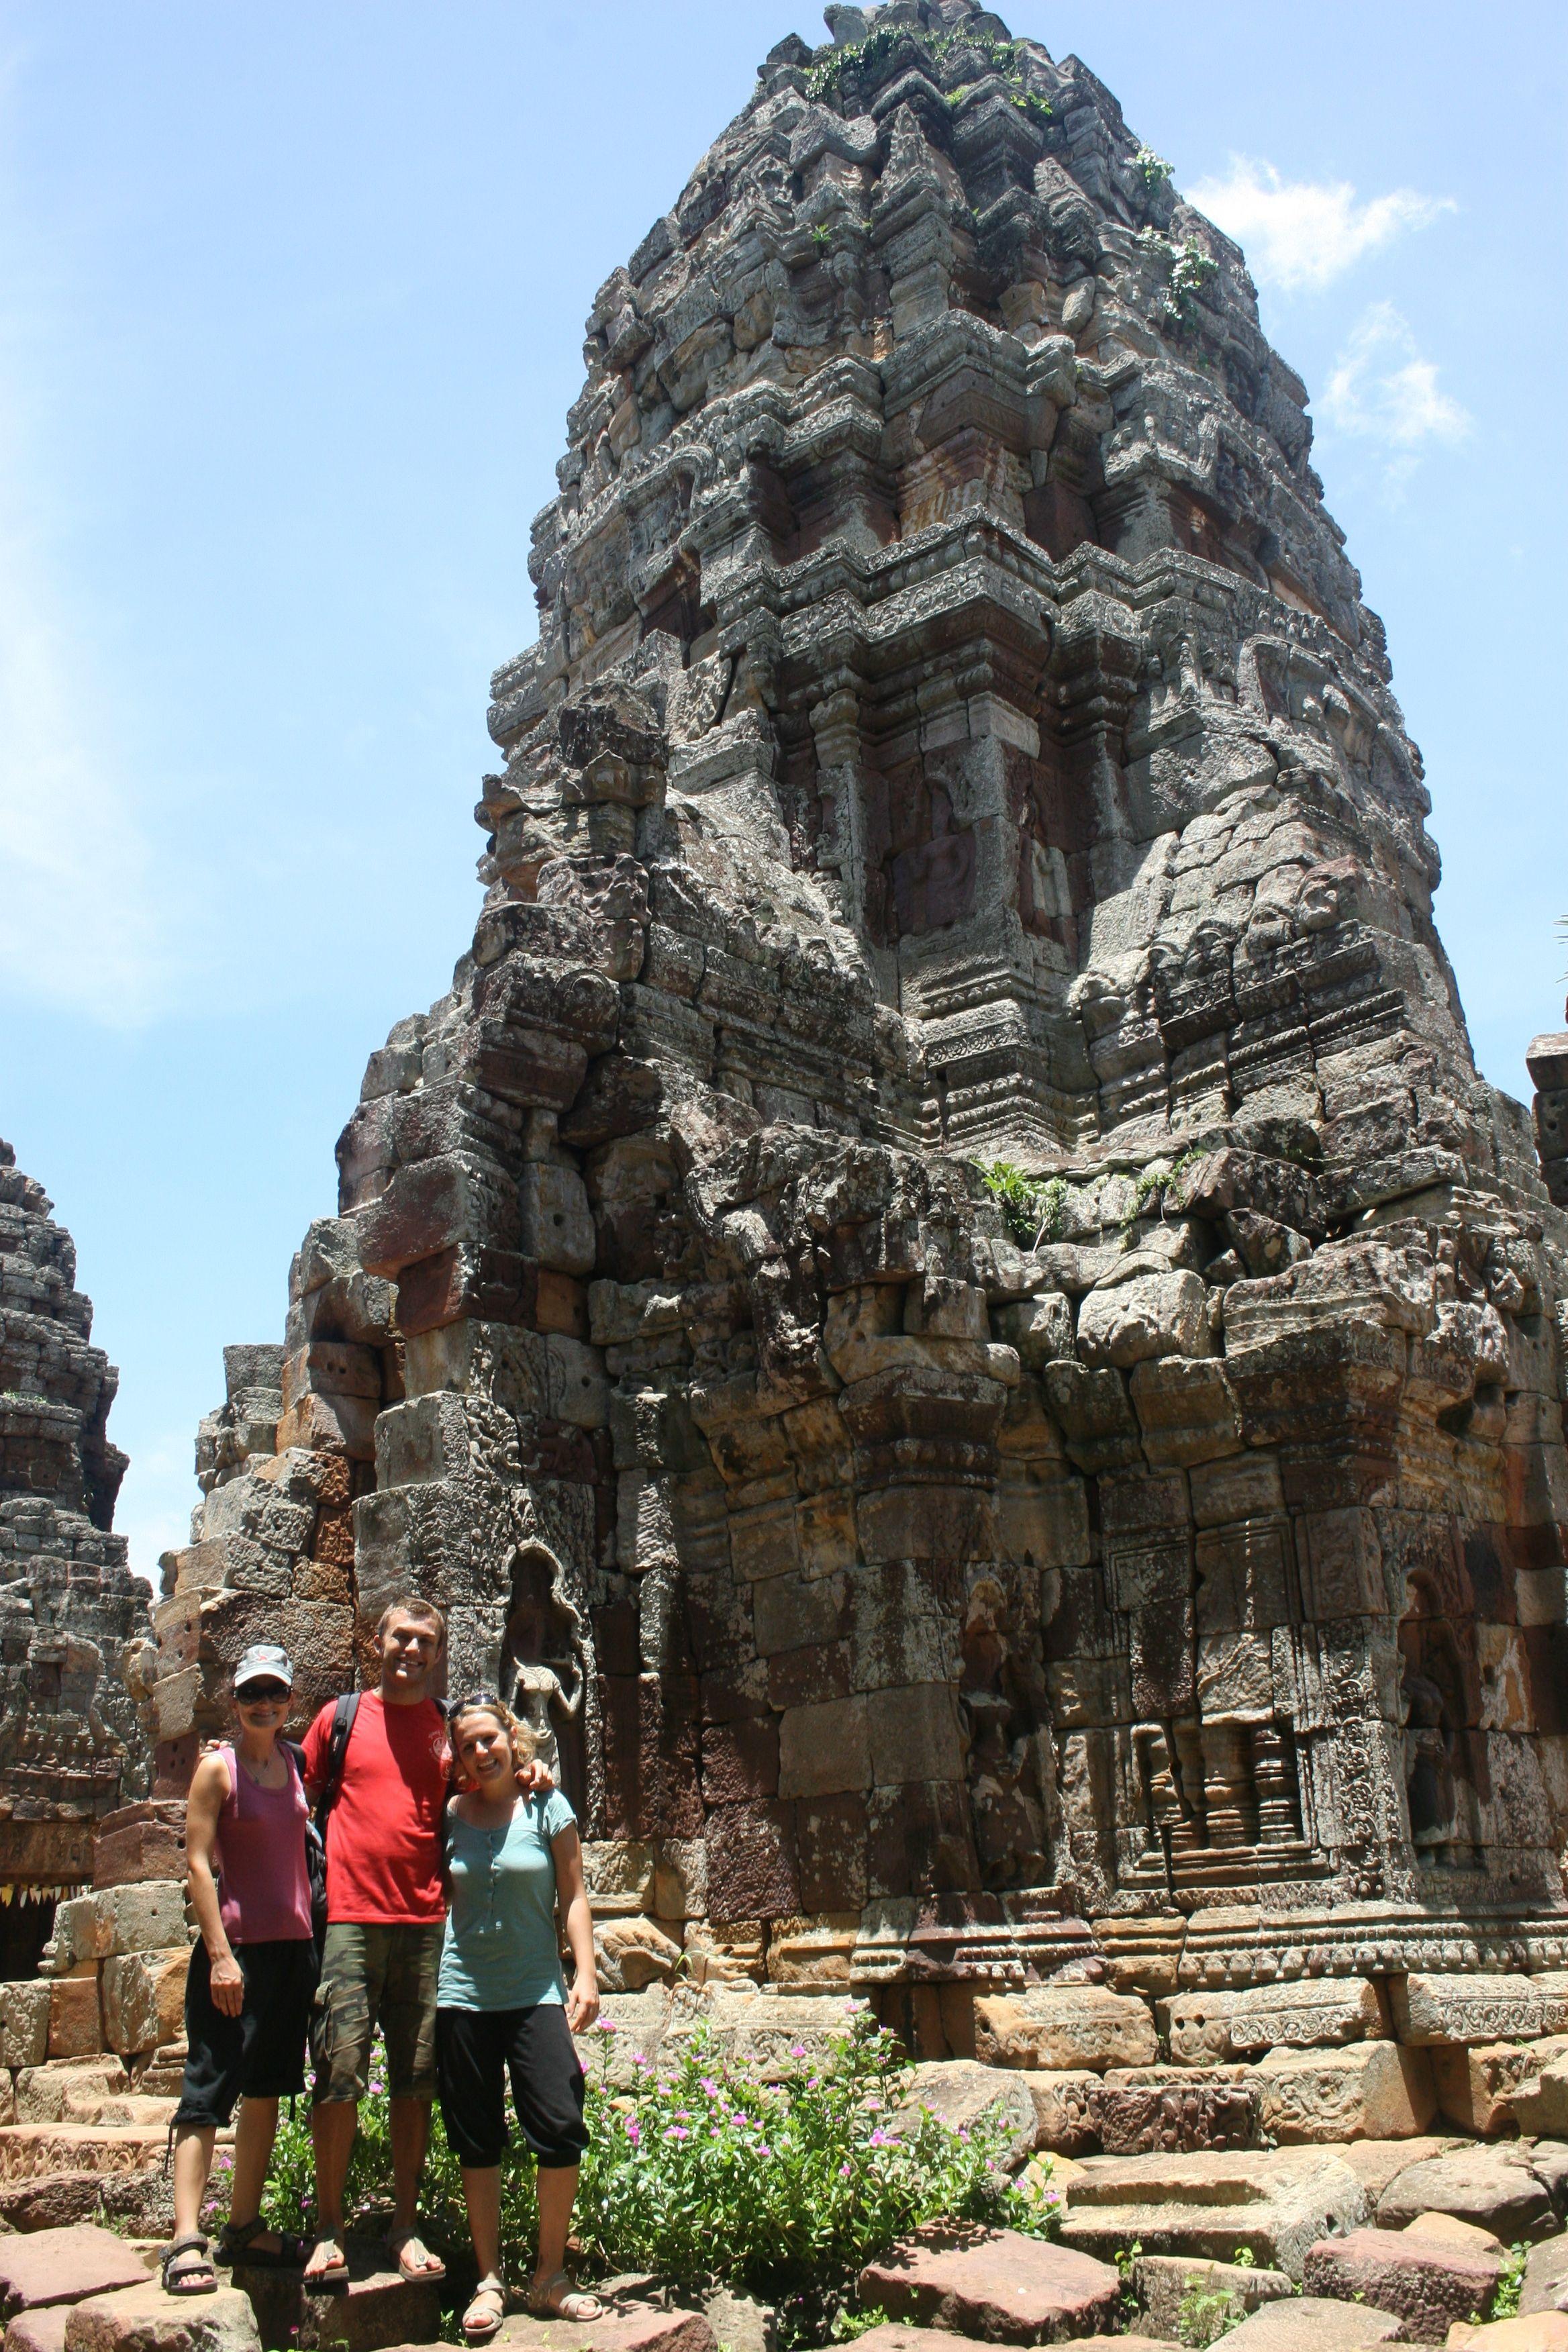 Cambogia 14 battabang cosa vedere e cosa fare - Piastrella scheggiata cosa fare ...